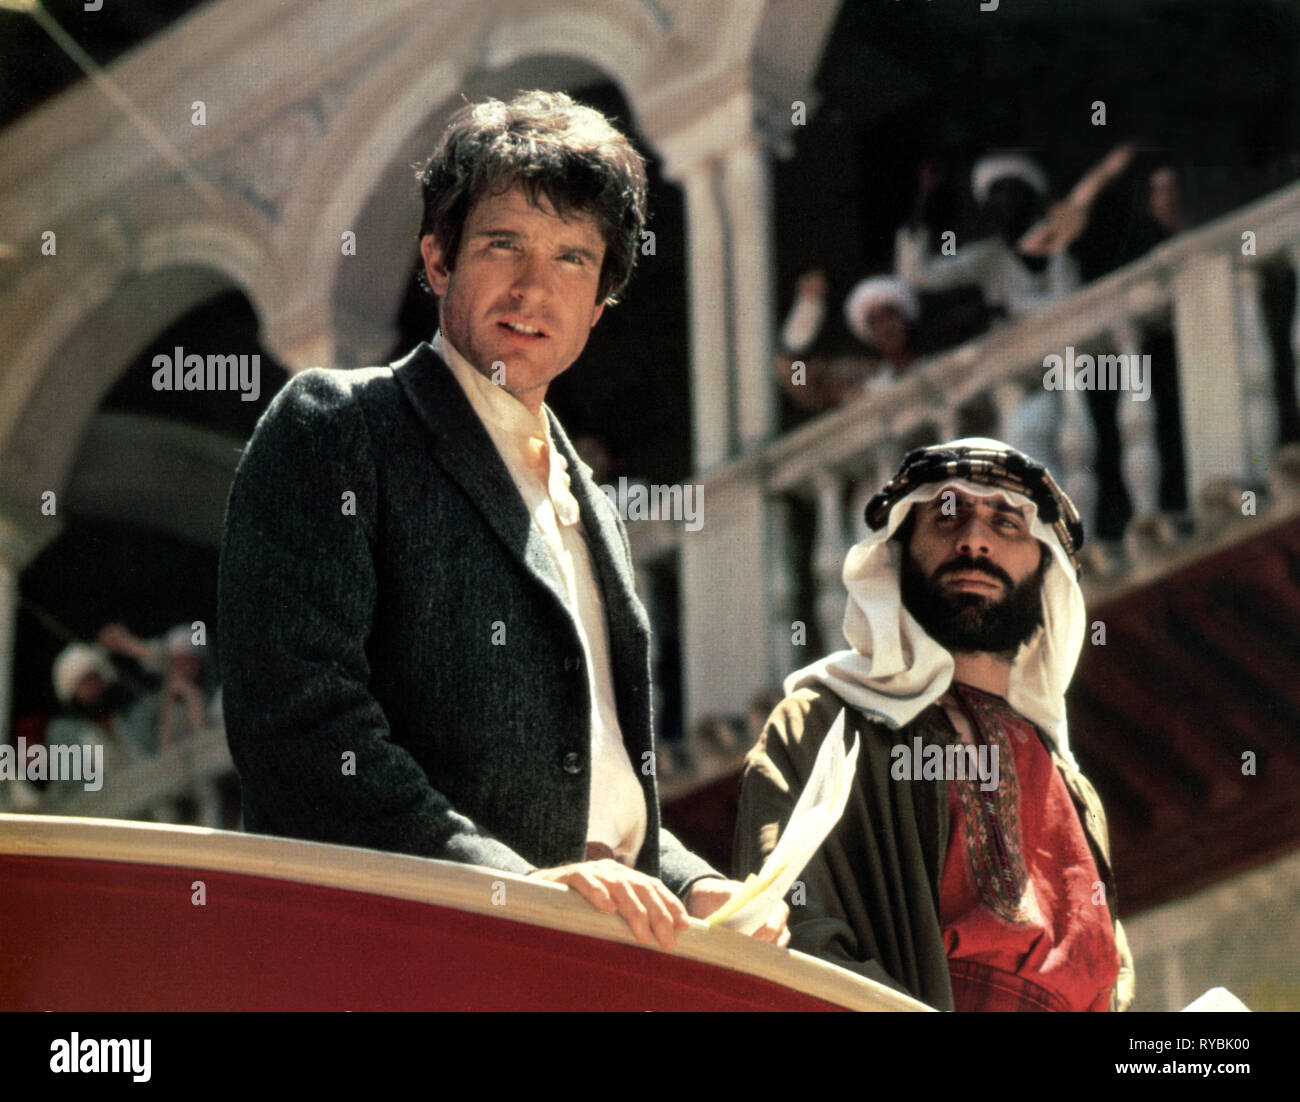 WARREN BEATTY, REDS, 1981 - Stock Image